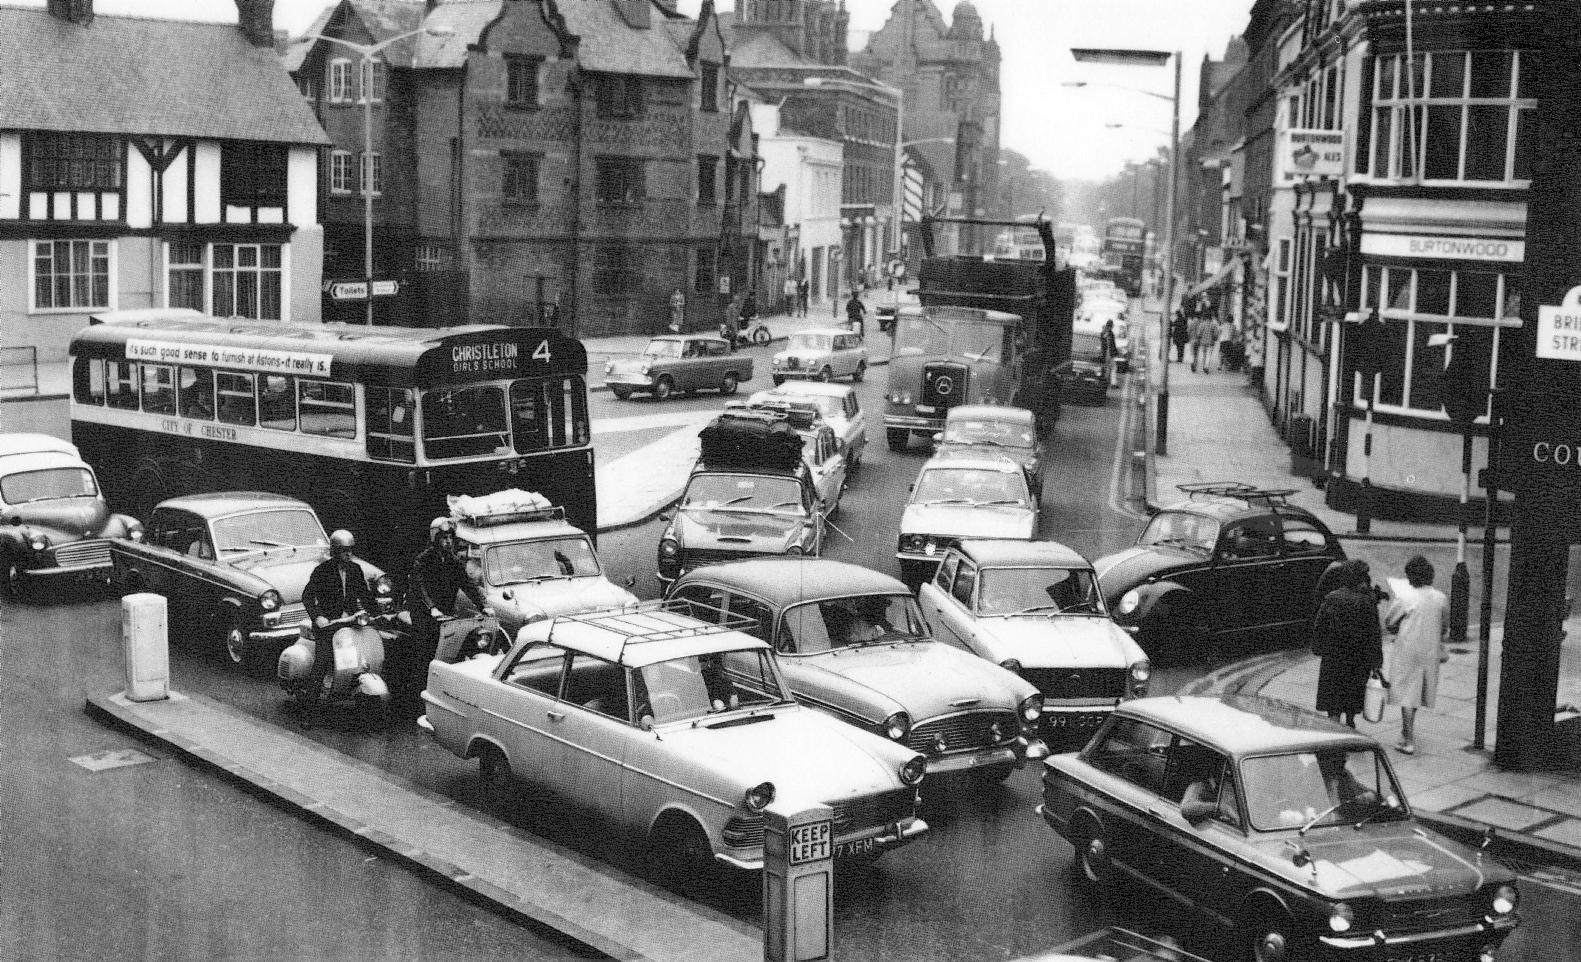 Gridlock 1960s